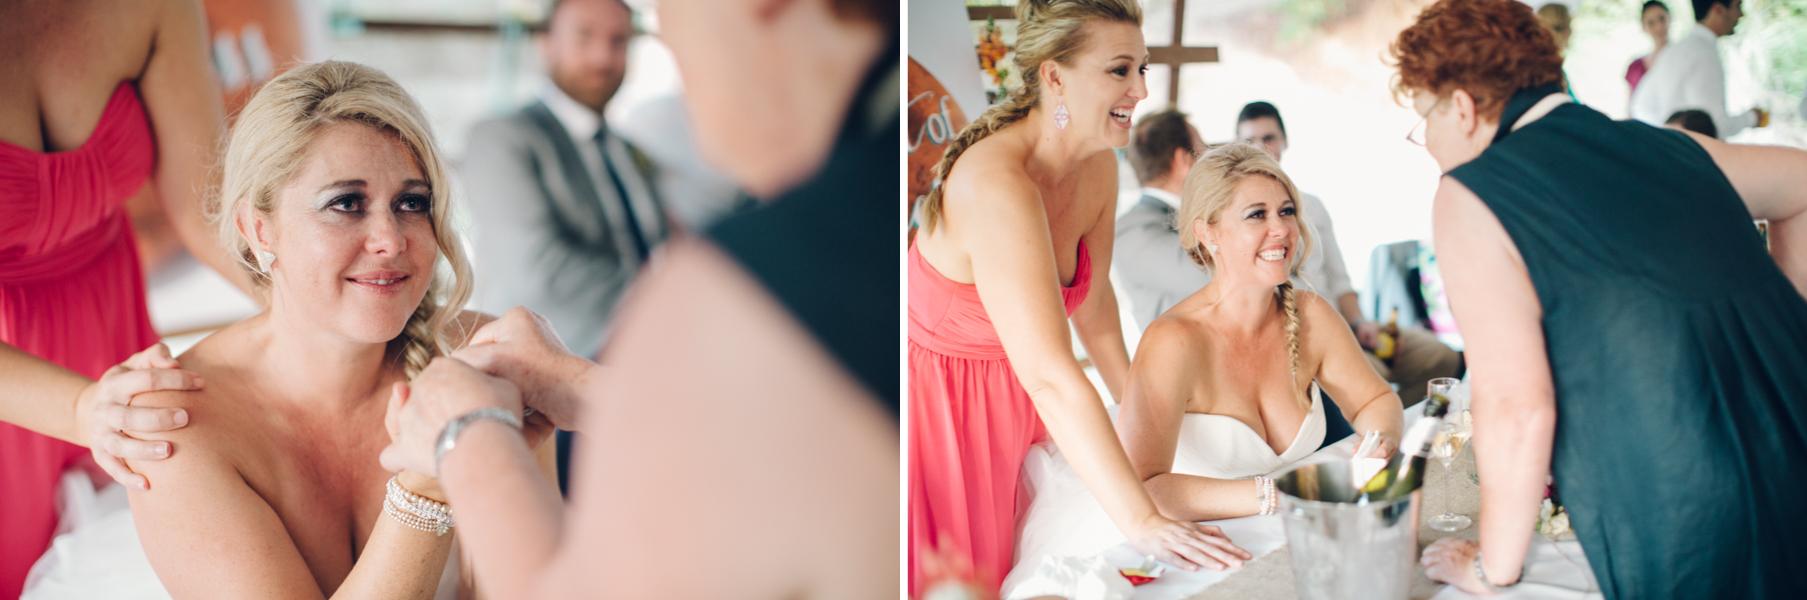 Erin & Craig Byron Bay Wedding Photography 34.jpg